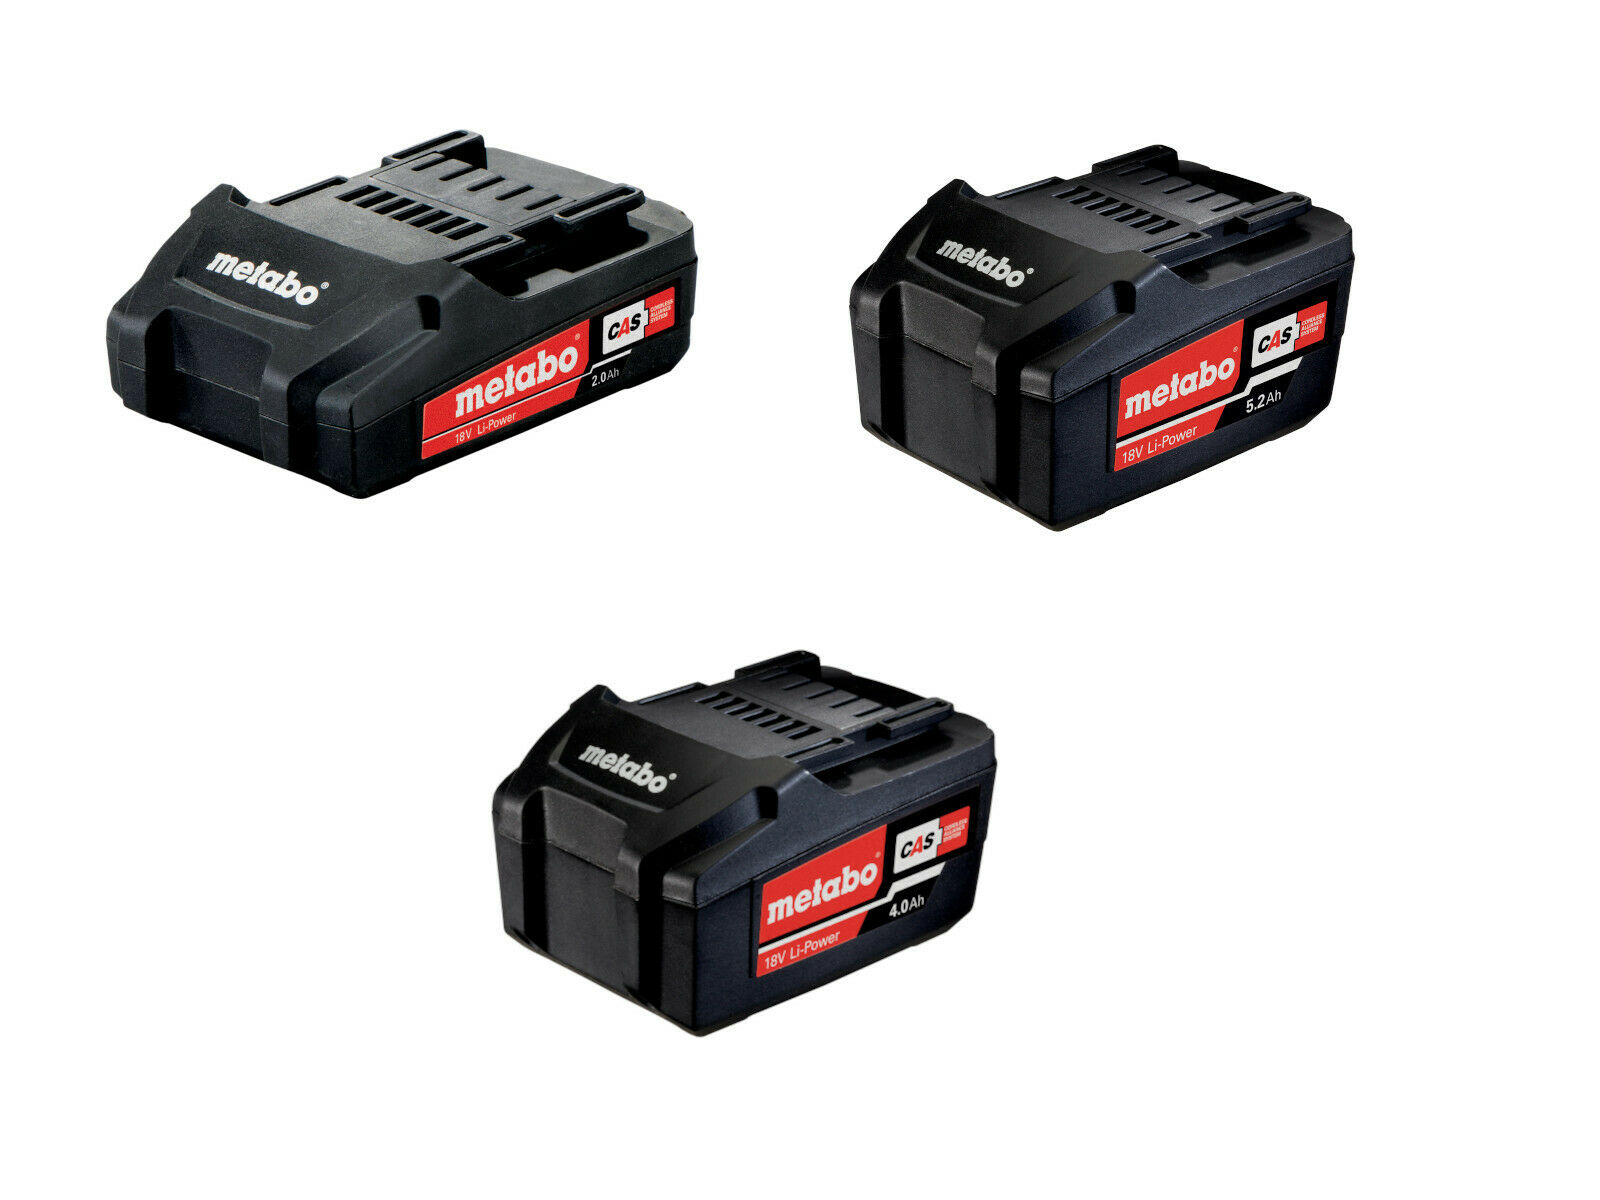 Metabo 18 Volt Li-Power Akkupacks 2.0 - 4.0 - 5.2 Ah Li-Ion CAS Akku 18V Akkus